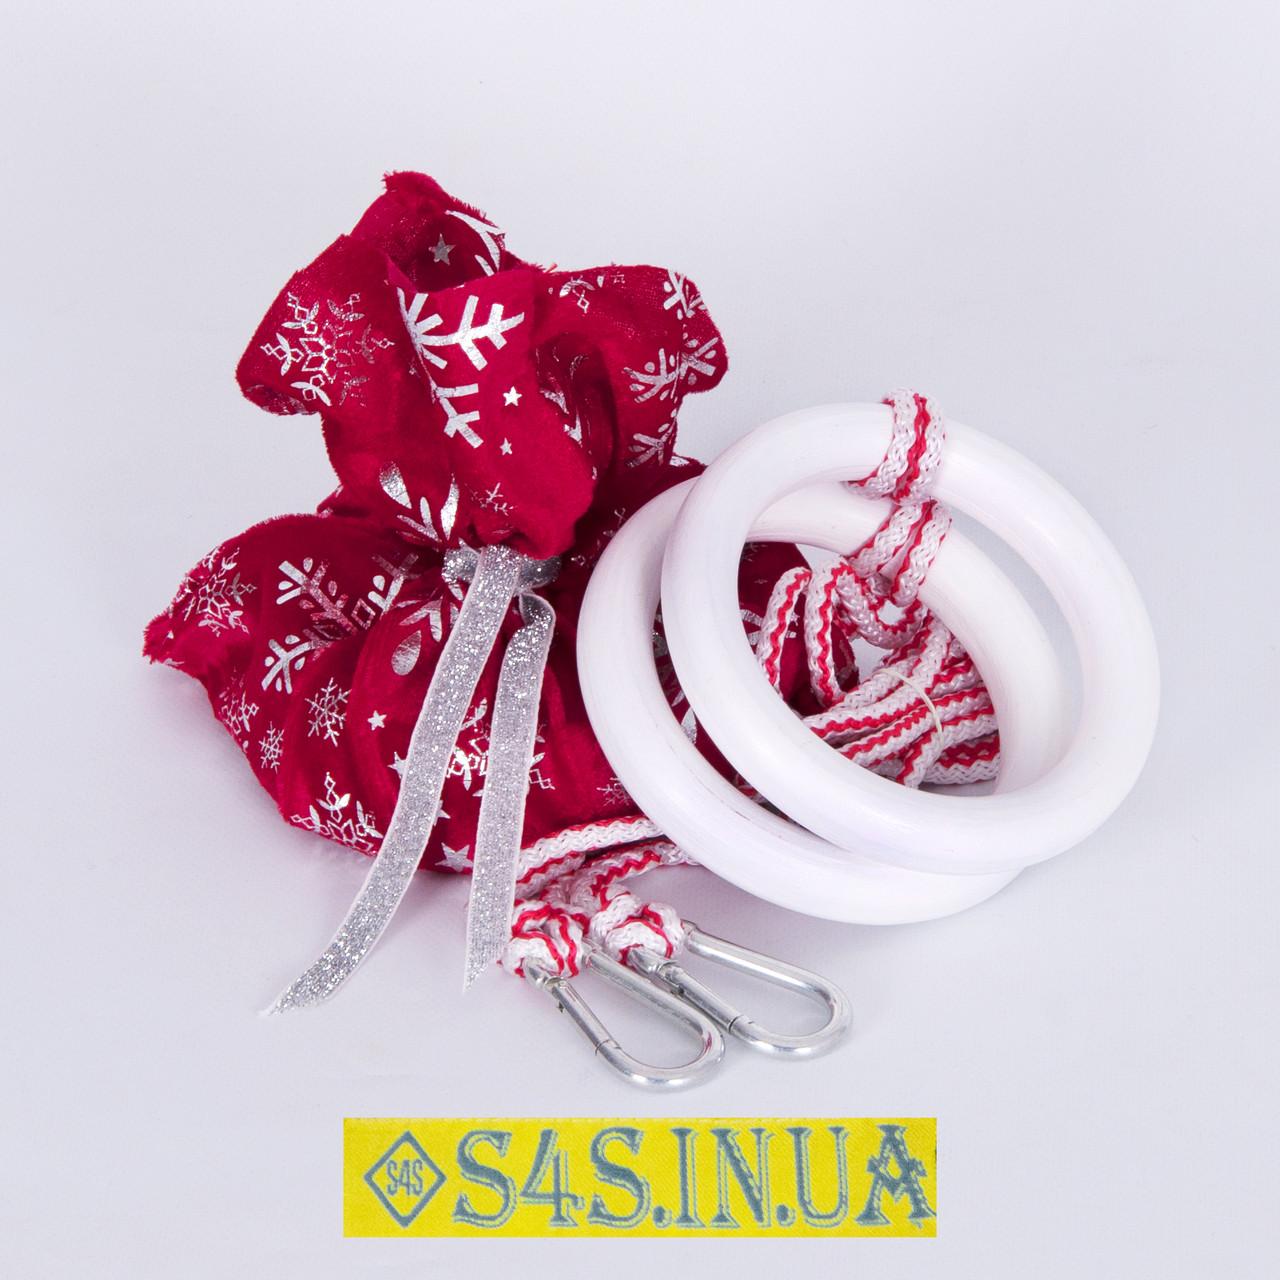 Подарок Кольца детские гимнастические, подвесные ДЕРЕВЯННЫЕ «ЭЛИТ», белый, с креплением и подарочной упаковкой